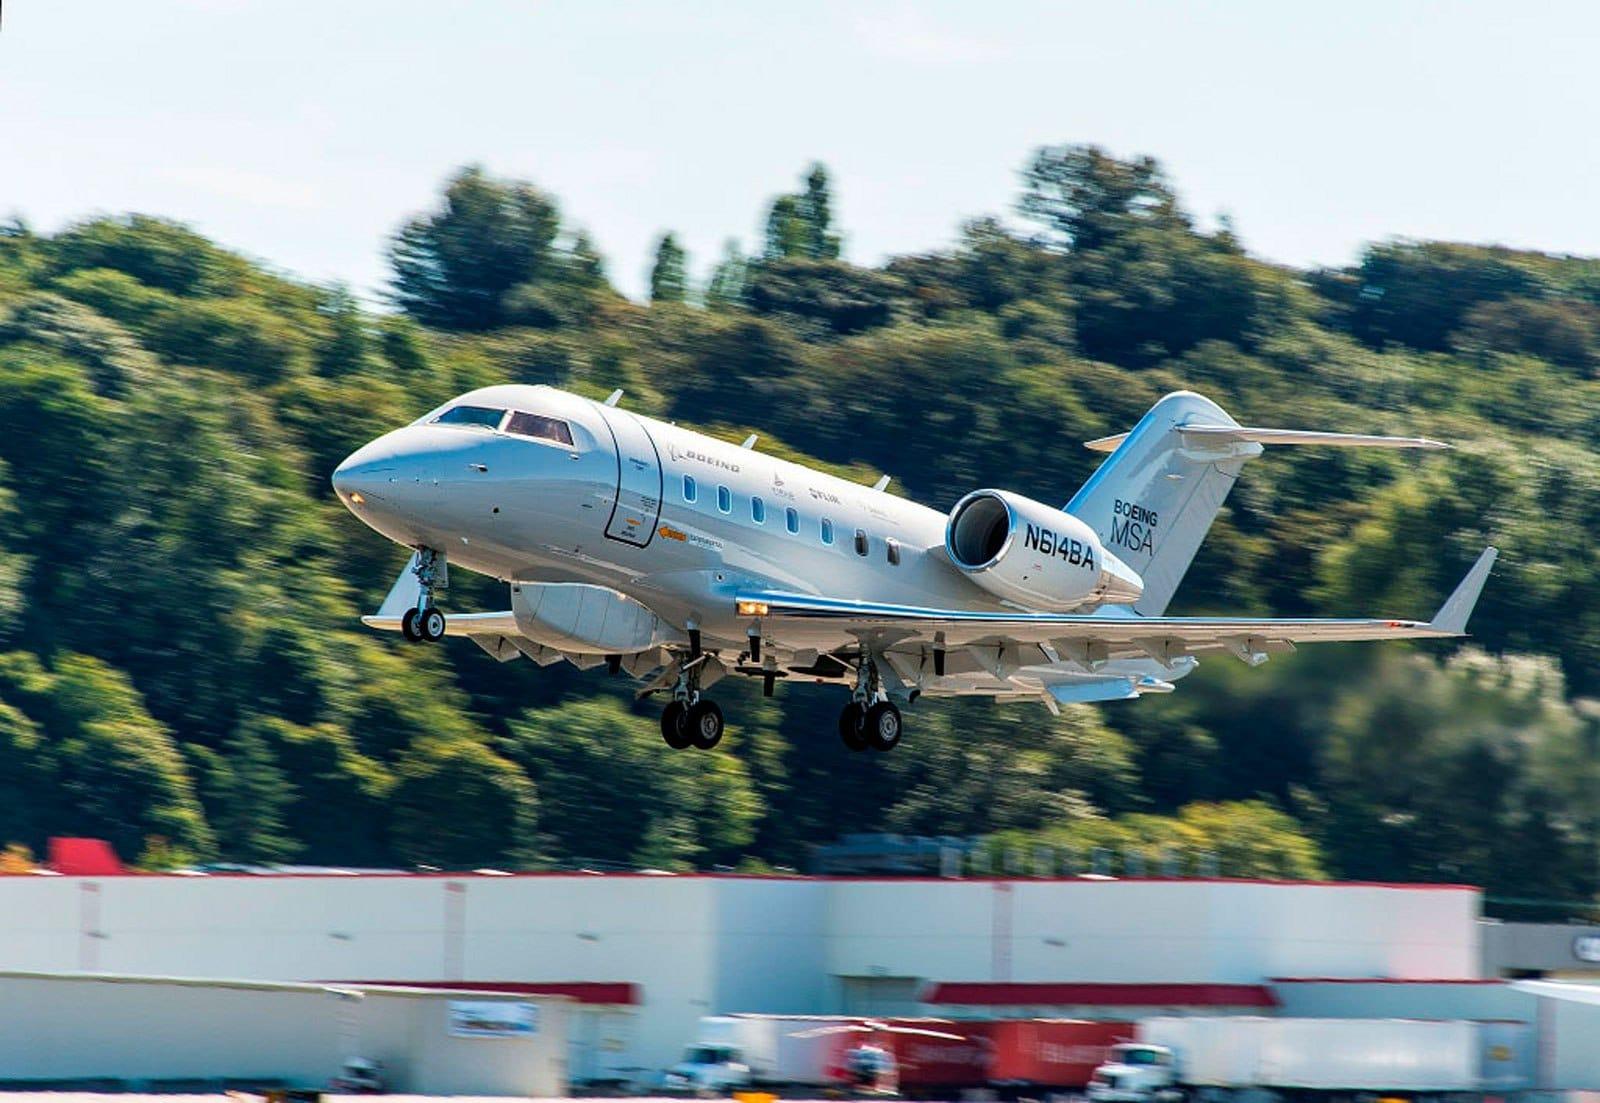 Boeing Maritime Surveillance Aircraft